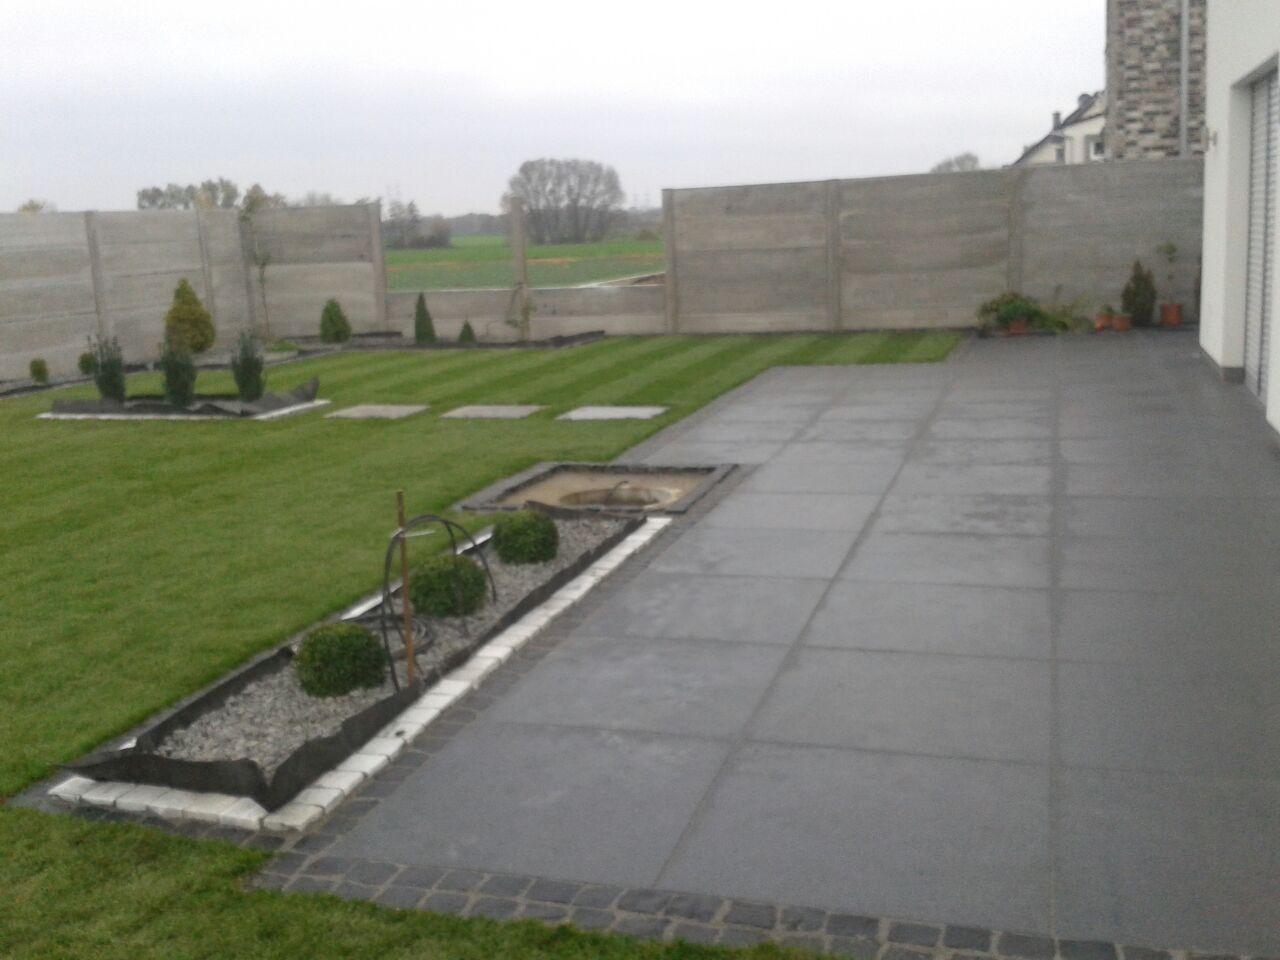 Terrasse garten platten keramik natursteine for Garten steine platten